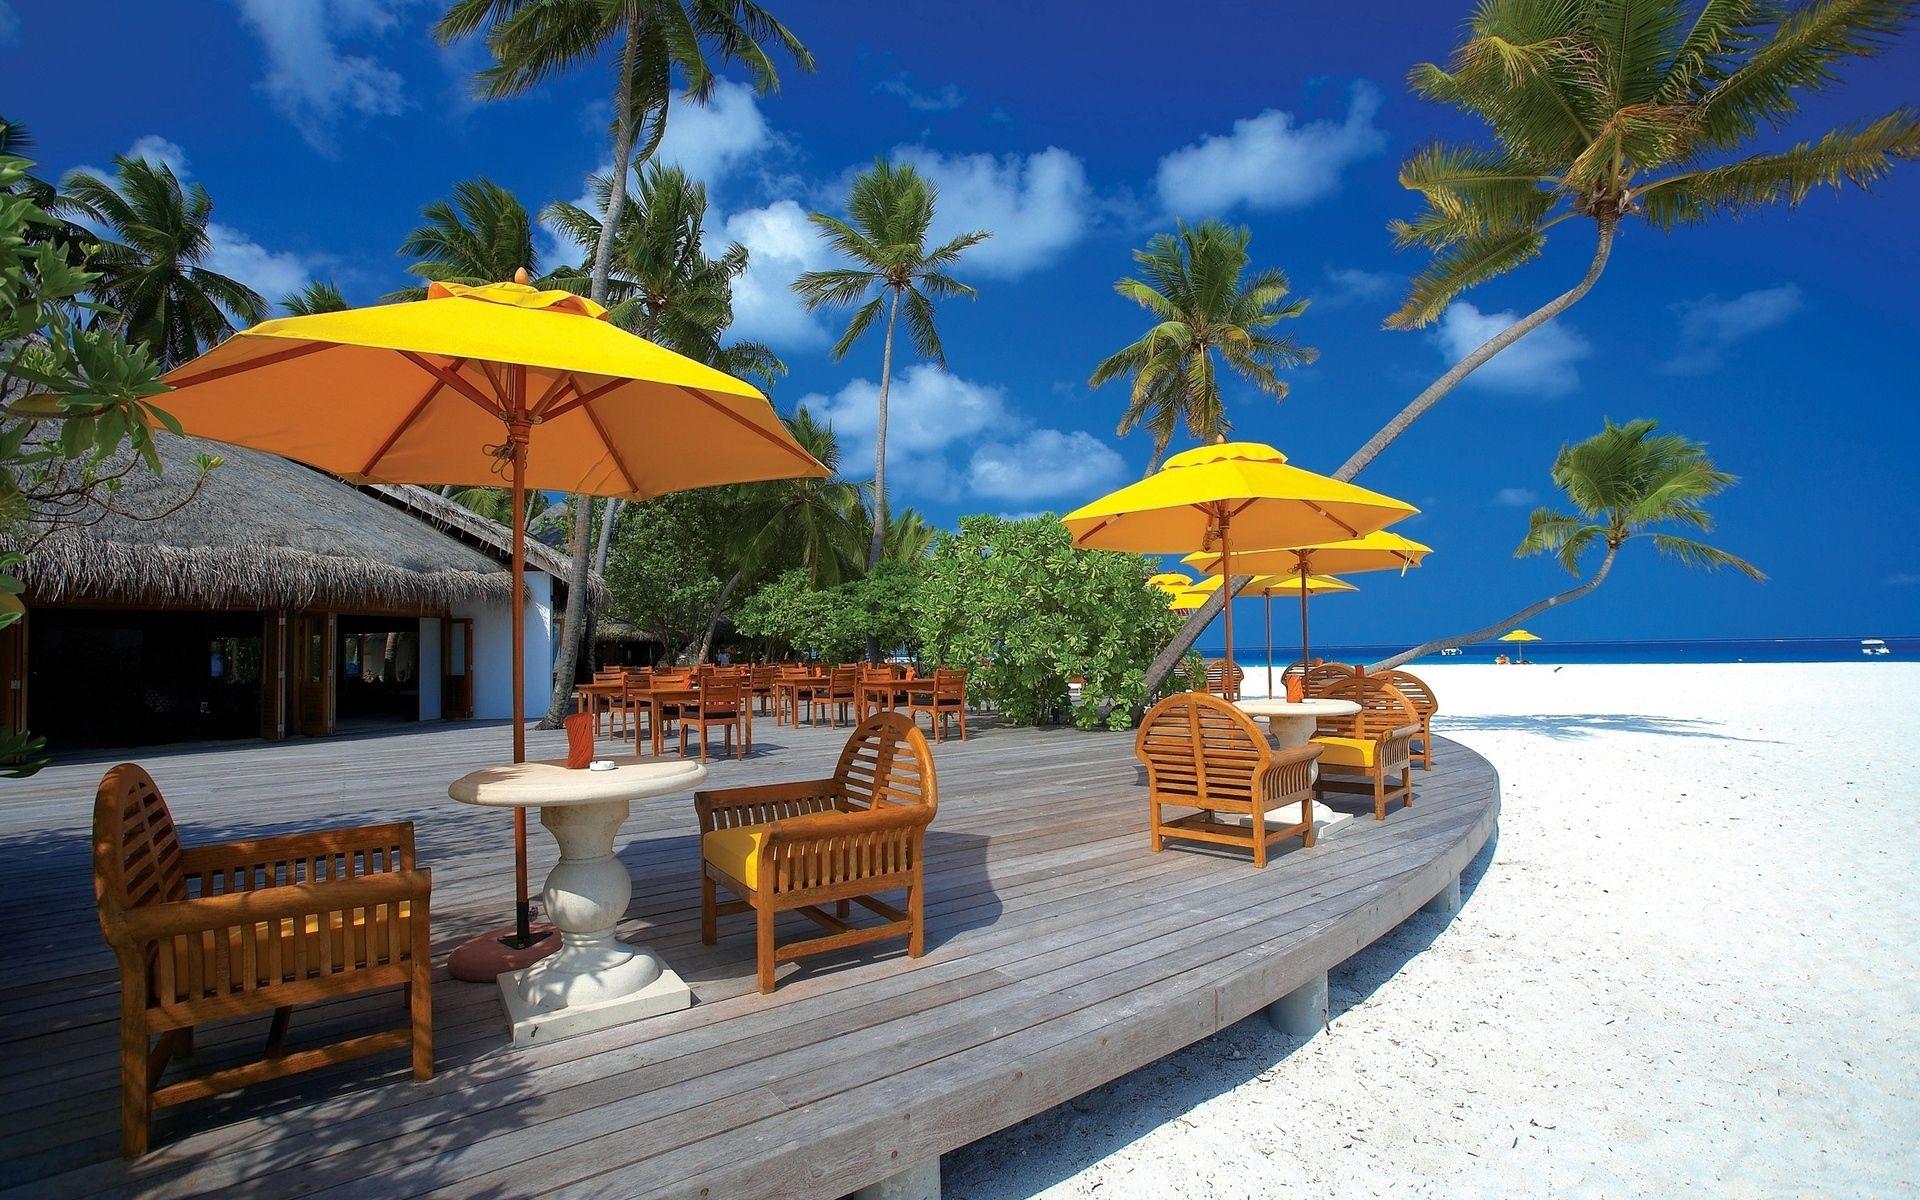 140124 скачать обои Архитектура, Природа, Облака, Пляж, Стулья, Мальдивские Острова - заставки и картинки бесплатно